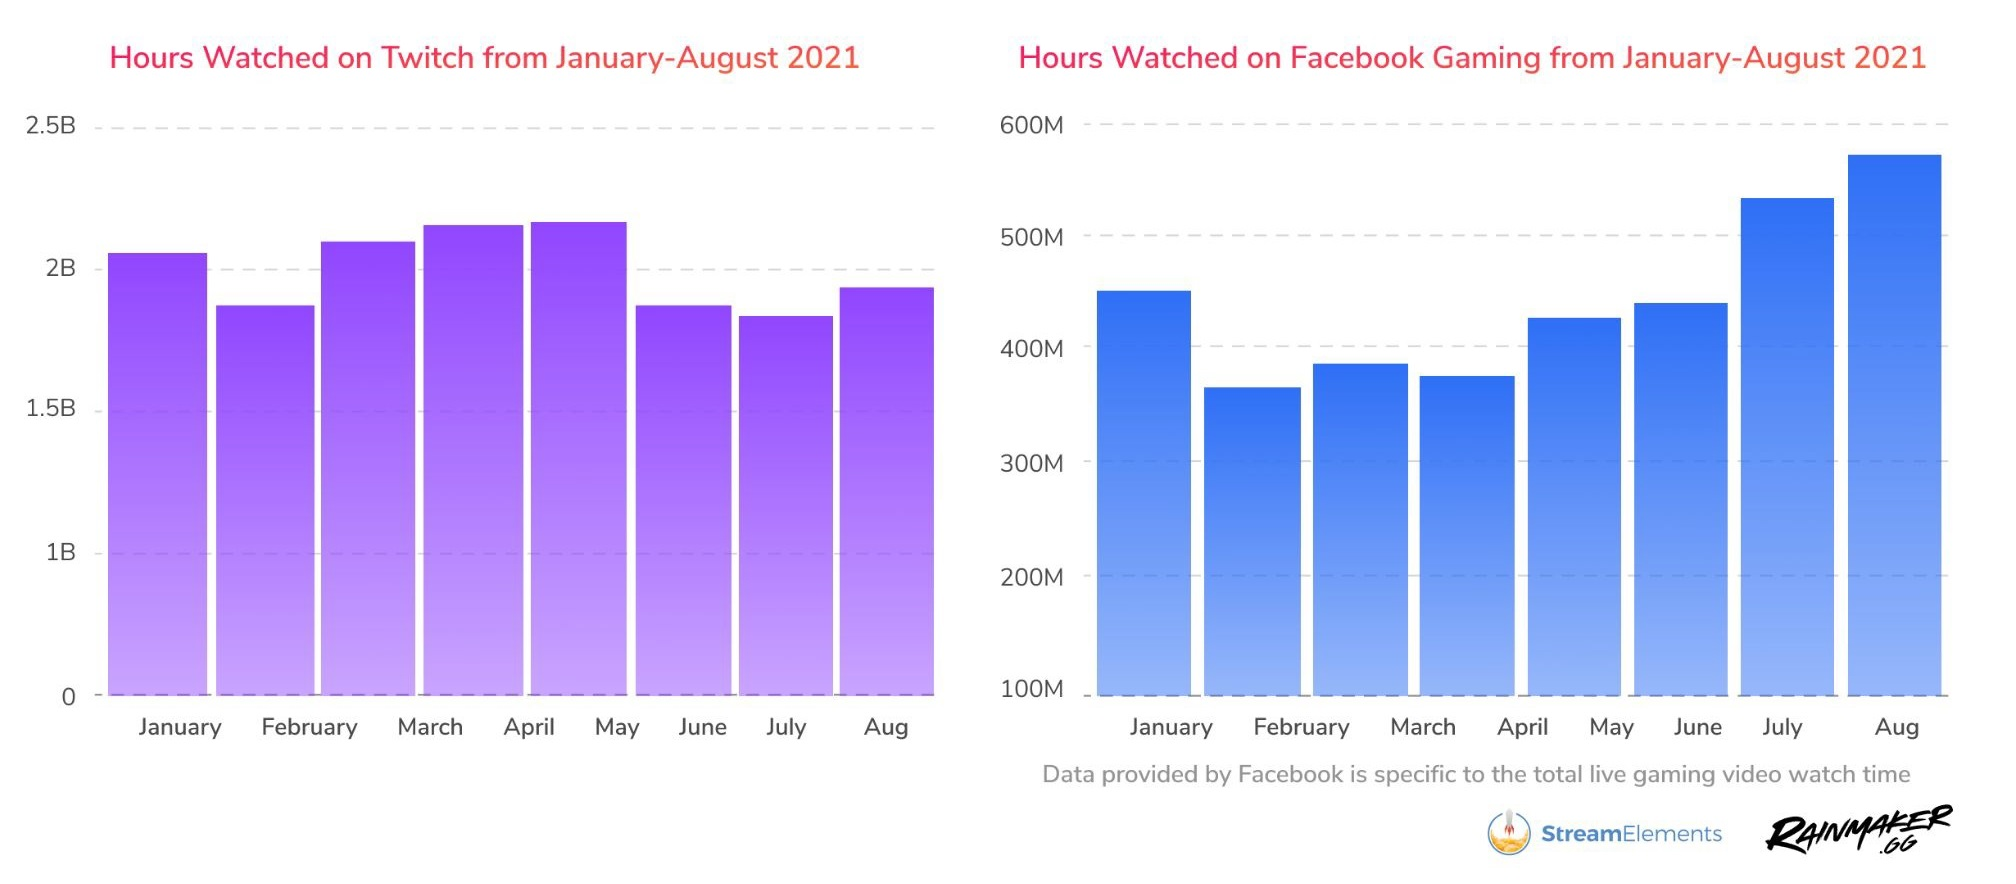 Количество просмотров на Twitch в августе выросло на 27% — почти 2 миллиарда часов